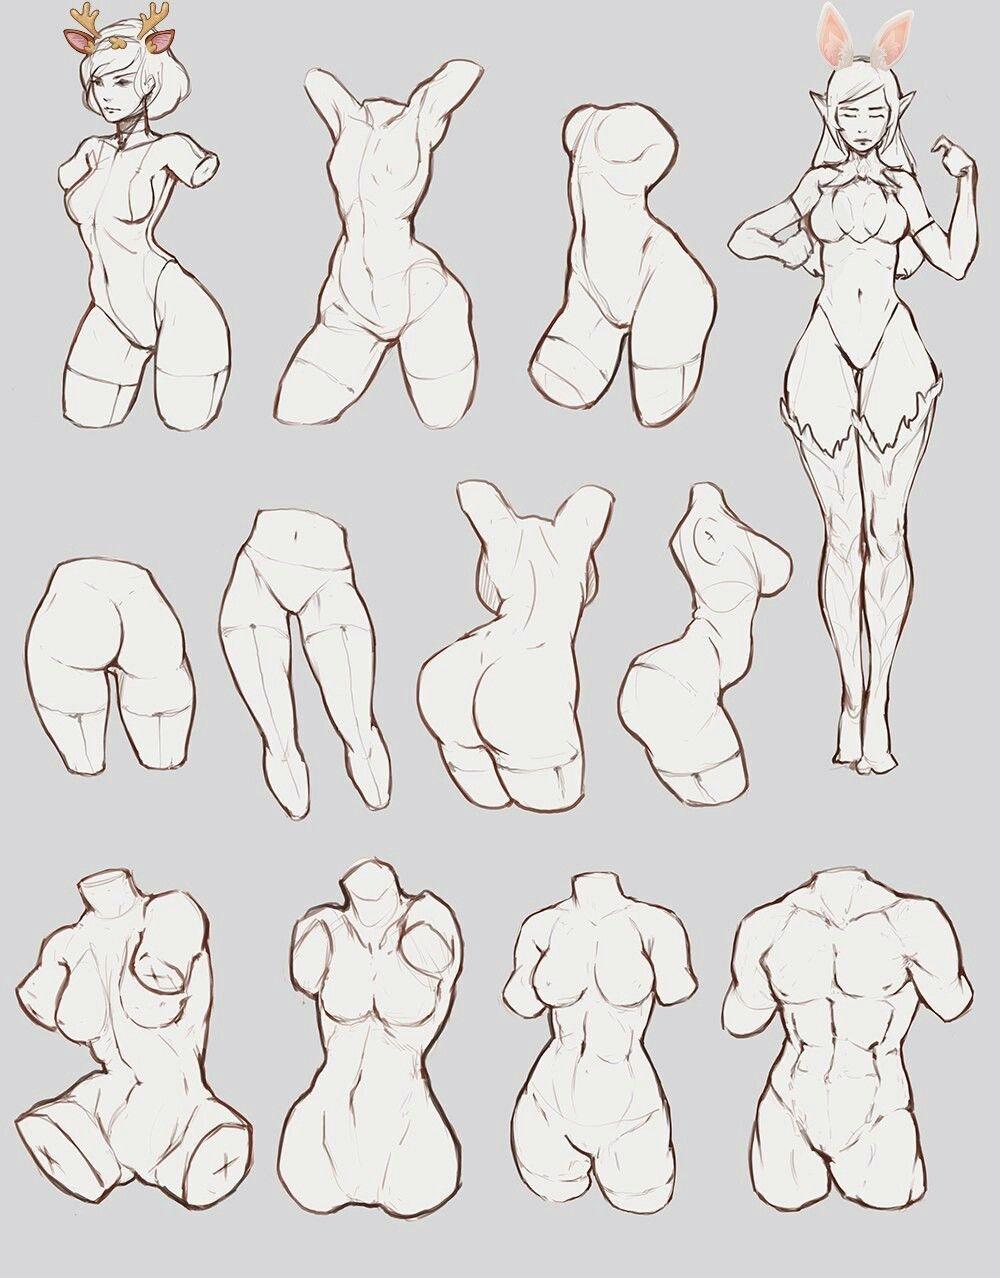 Pin de Geraldine Rodriguez en Cuerpo mujer | Pinterest | Anatomía ...